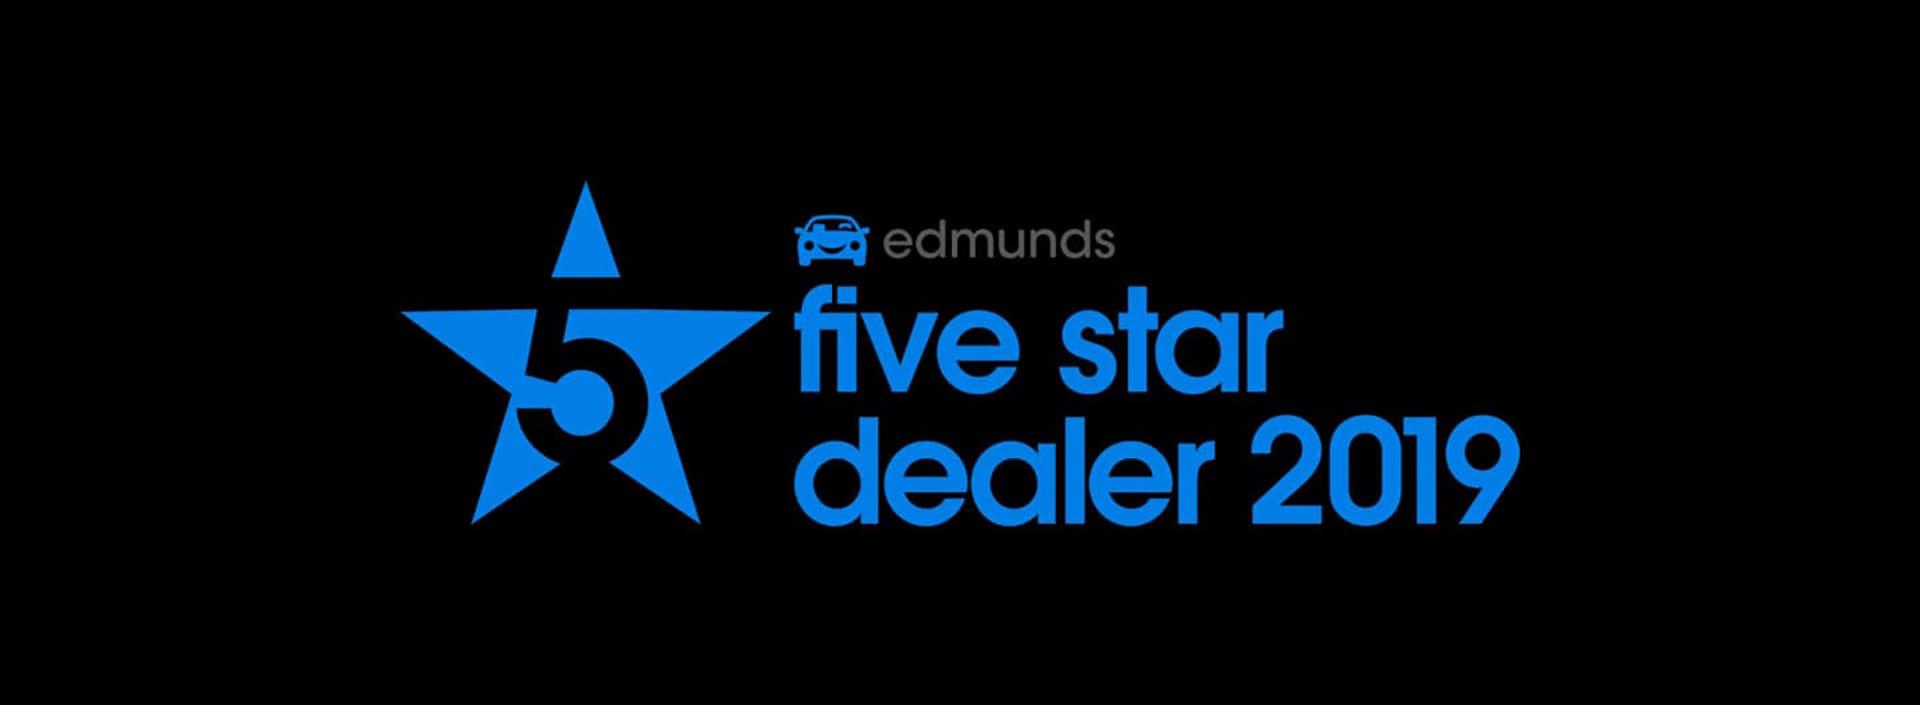 5 Star Dealer